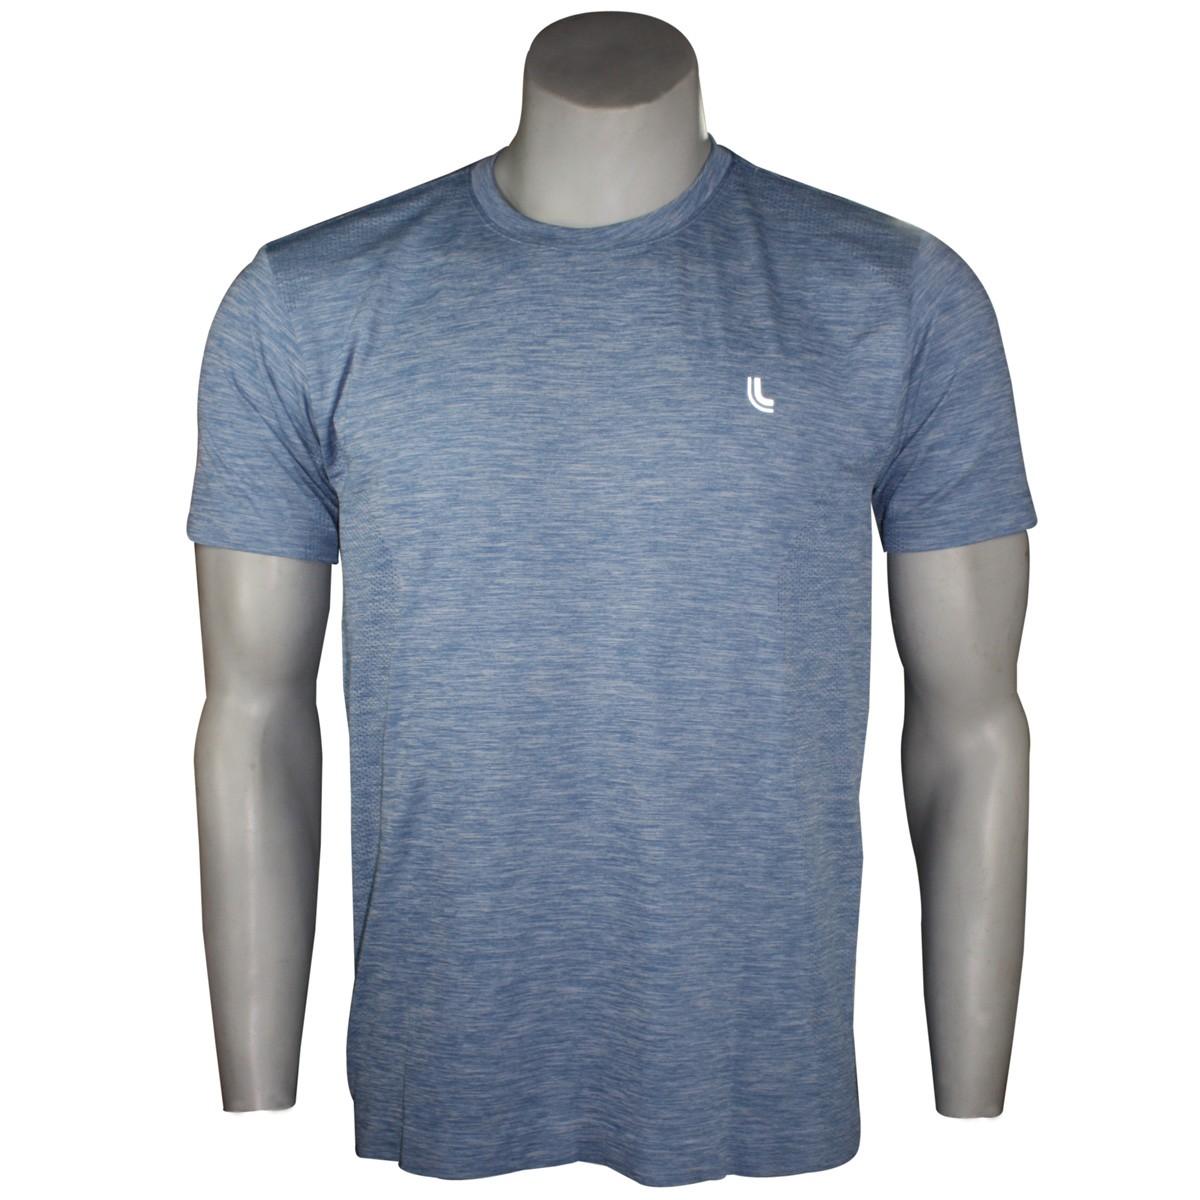 bae90887e Camiseta Masculina Lupo Run Mescla 70653-0770 - Azul - Calçados ...